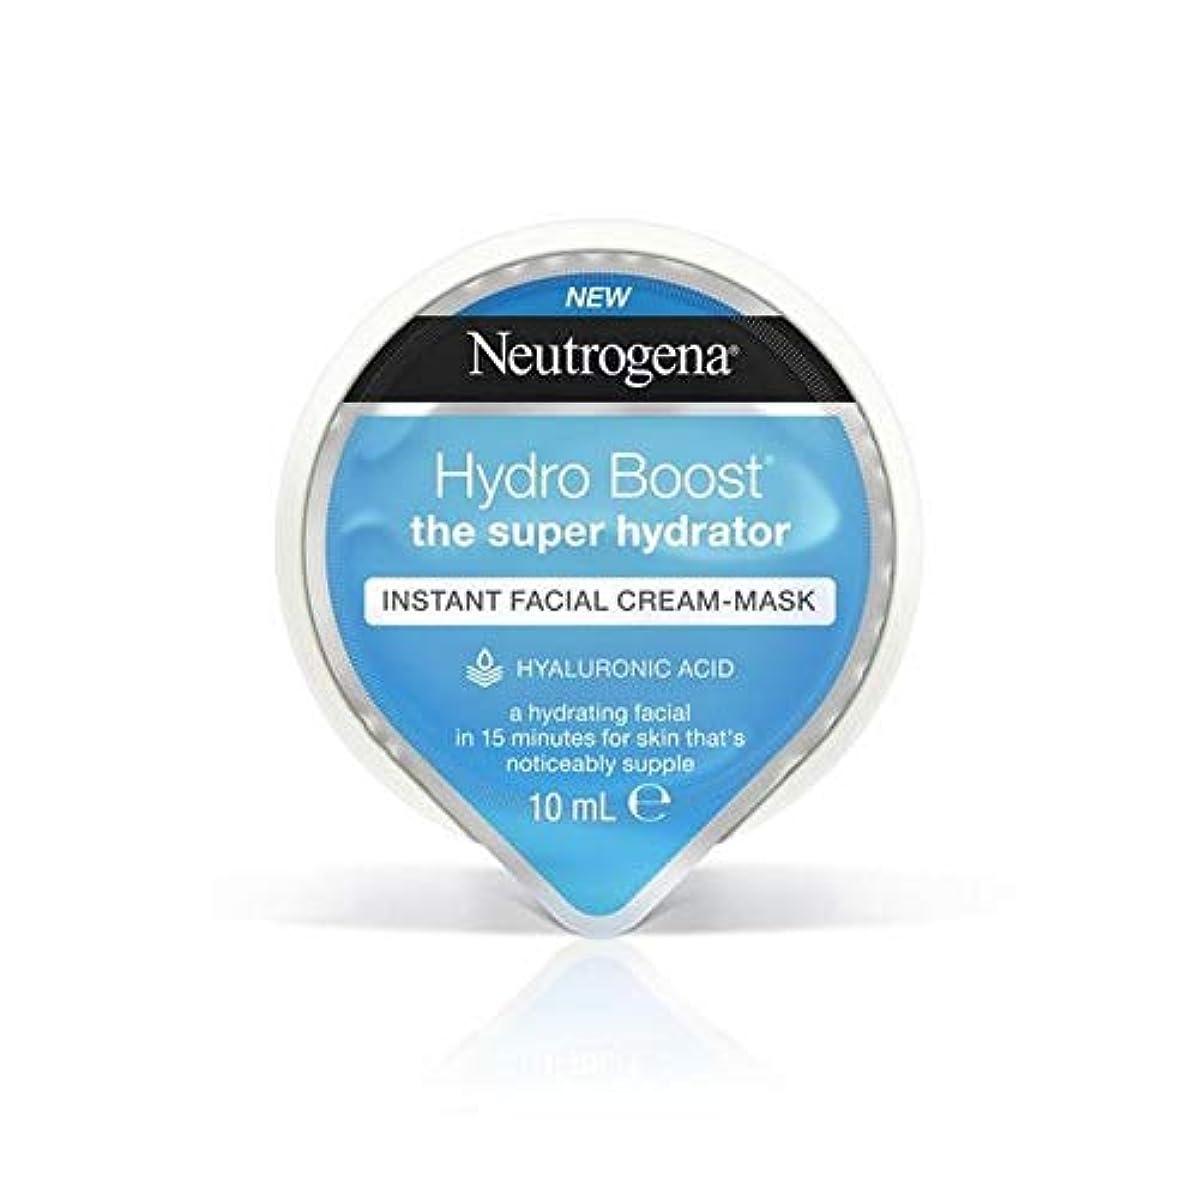 しなやか自発的見かけ上[Neutrogena] ニュートロジーナ水力発電は、インスタントフェイシャルクリームマスク10ミリリットルを後押し - Neutrogena Hydro Boost Instant Facial Cream Mask...